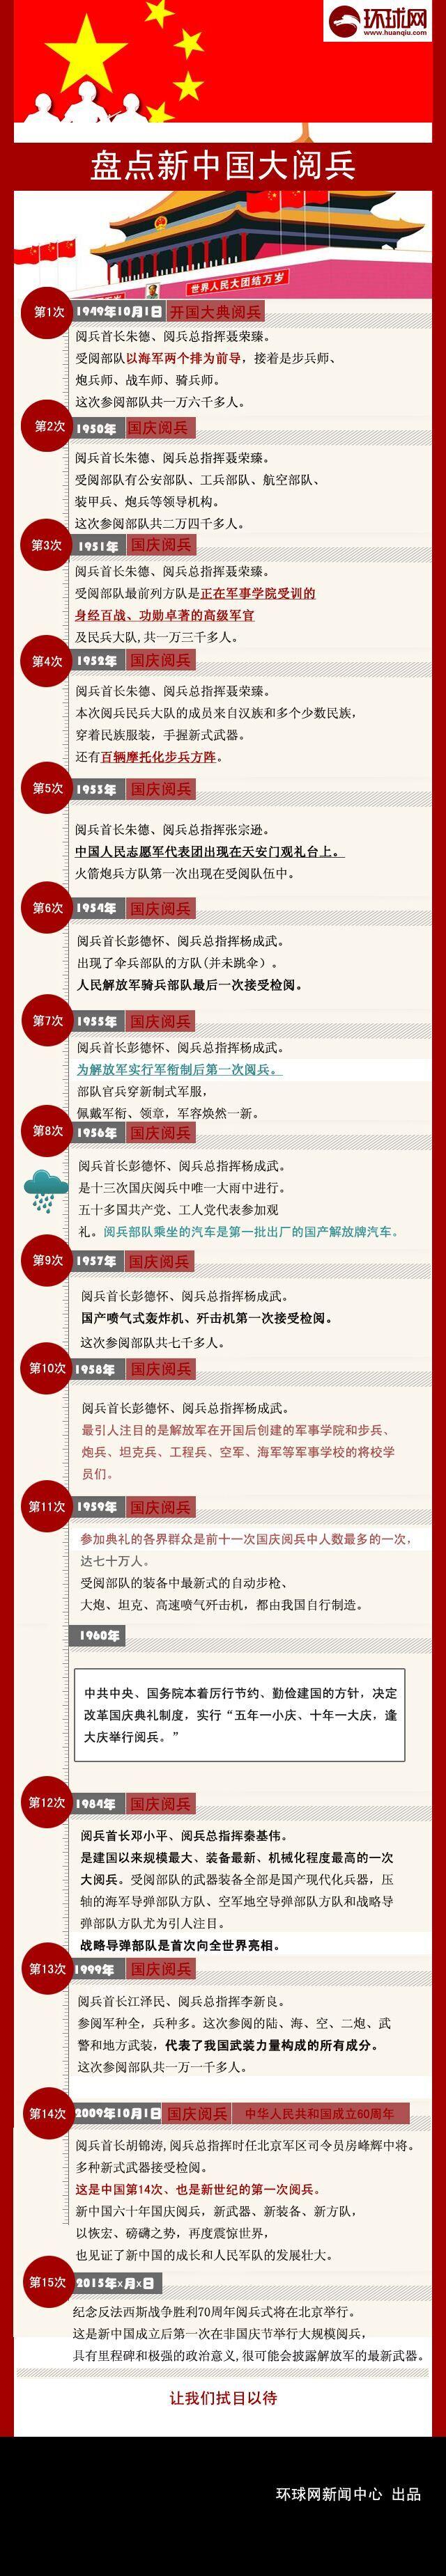 盘点新中国的14次国庆大阅兵(图)